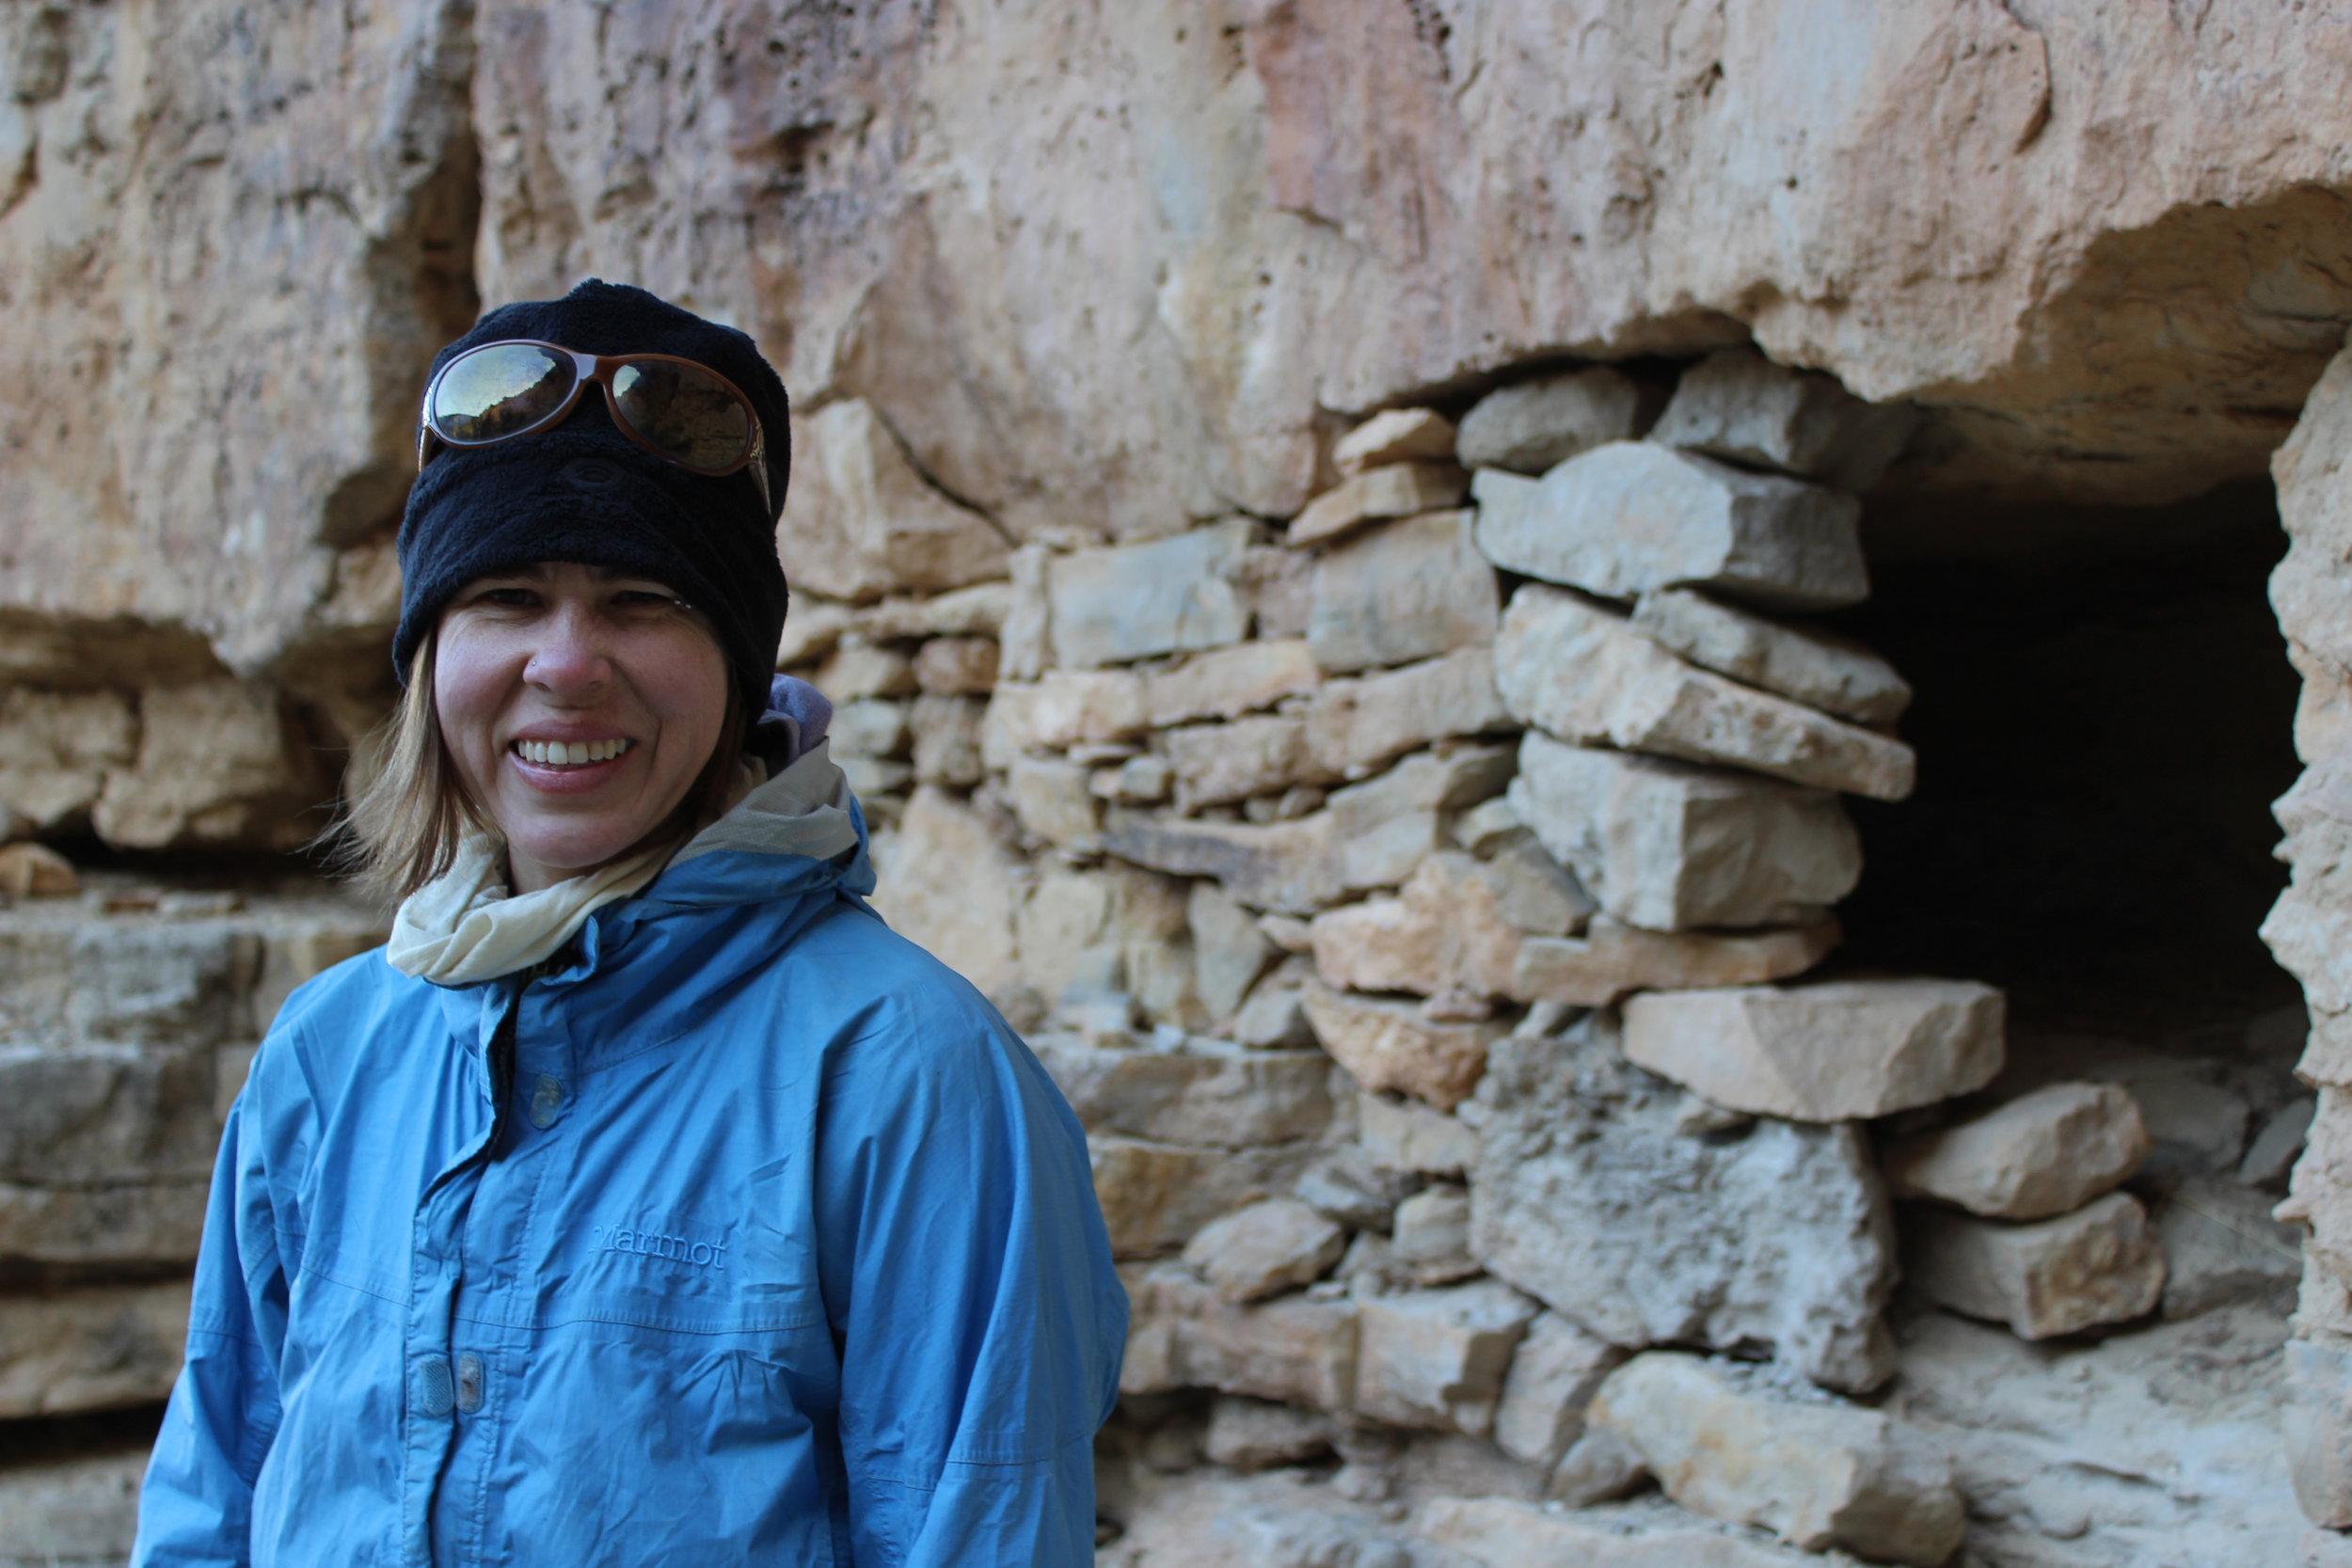 Tory poses at some Anasazi ruins.